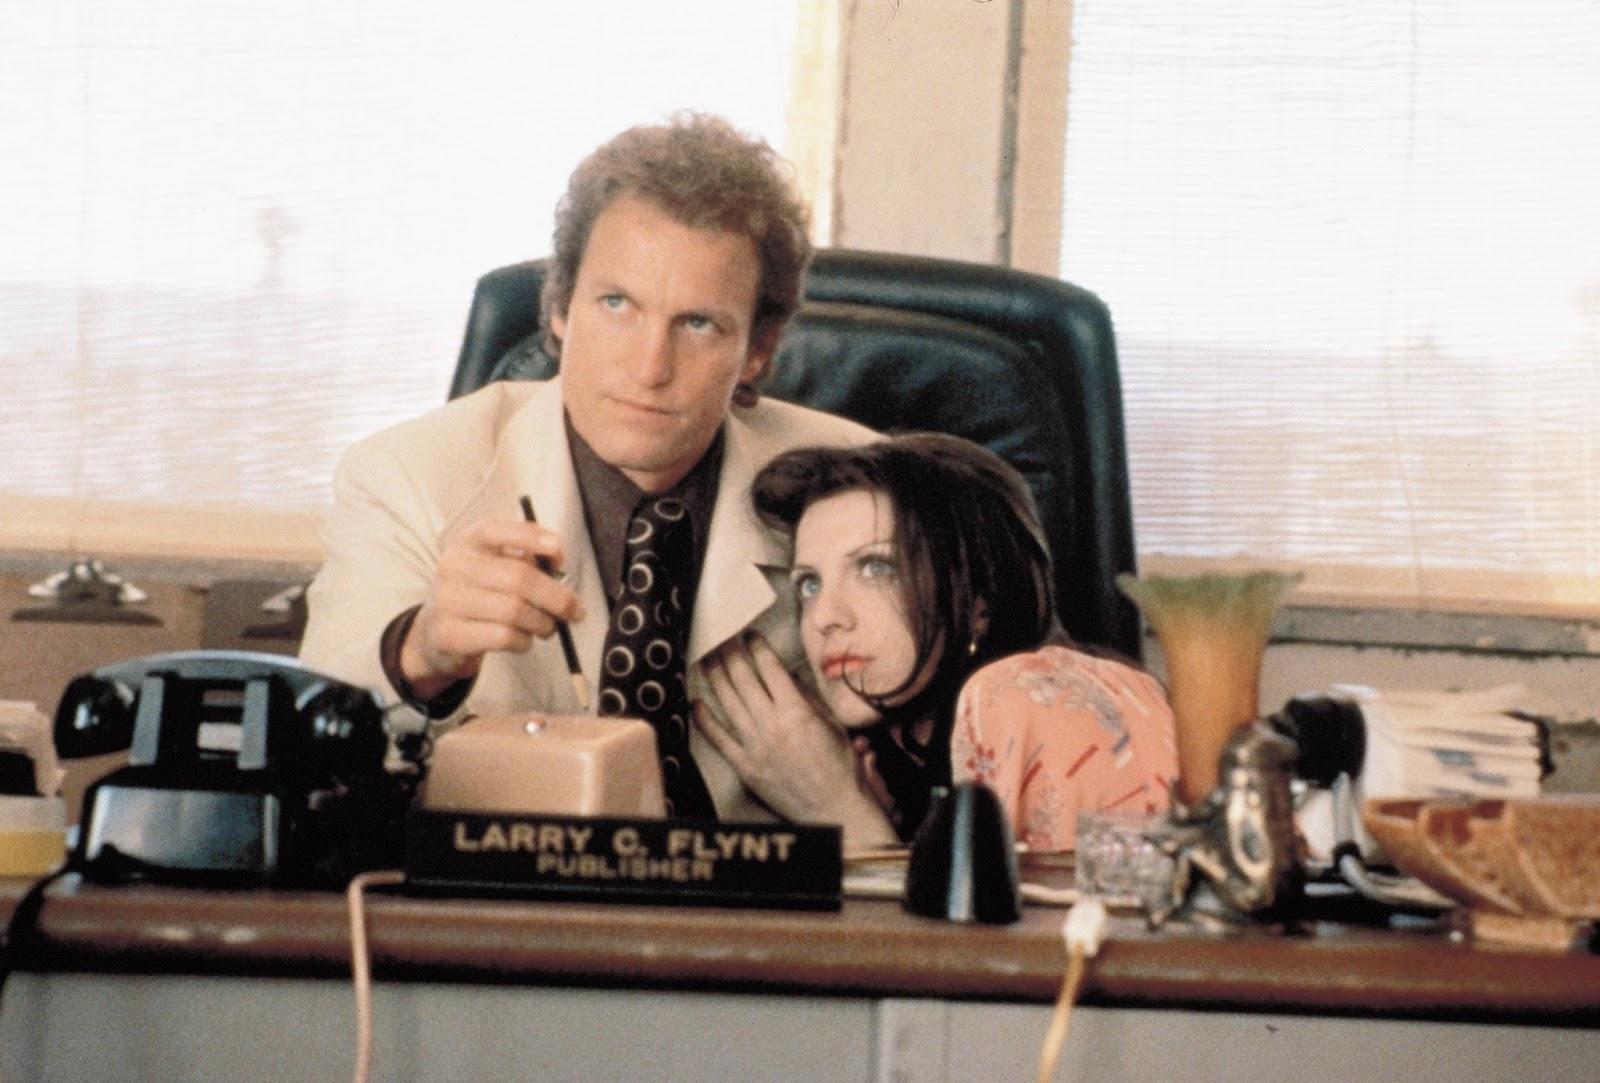 http://2.bp.blogspot.com/-o09905vBIOk/UWr_5CFoX6I/AAAAAAAABYM/_DdH97X-GPo/s1600/The-People-vs-Larry-Flint-courtney-love-1550510-2560-1732.jpg